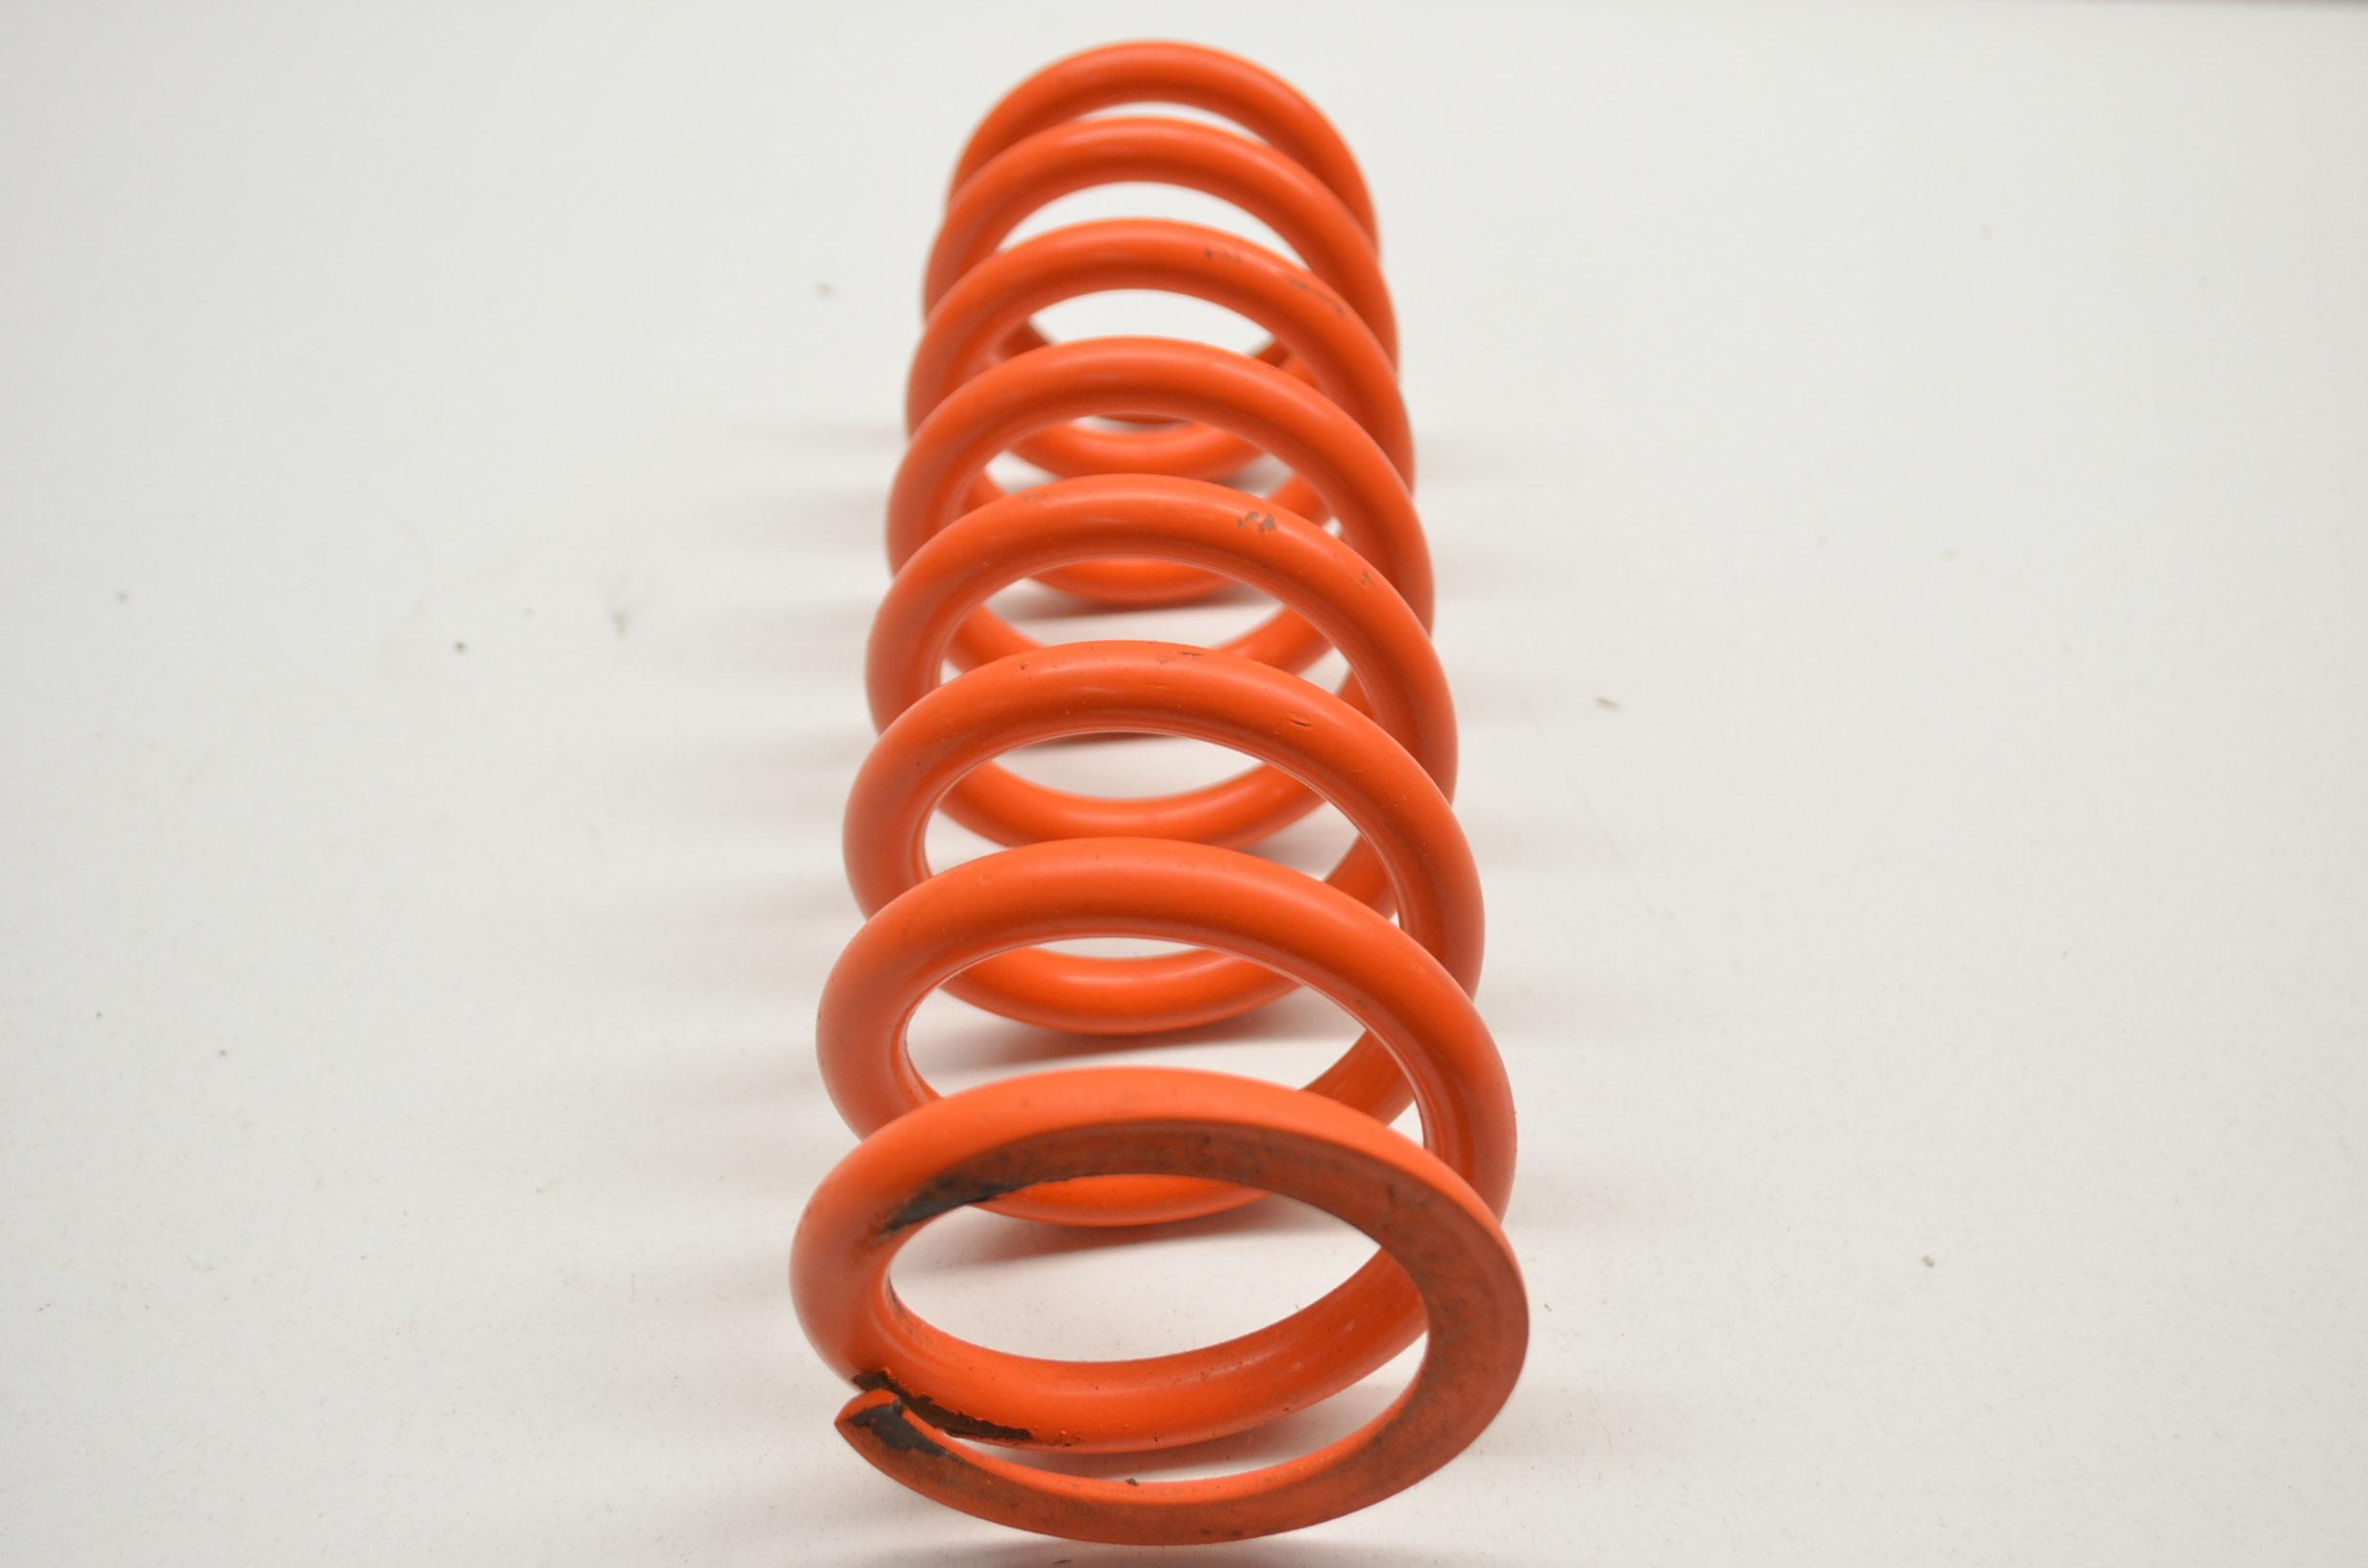 Wp Suspension Ktm Shock Spring Orange Ebay